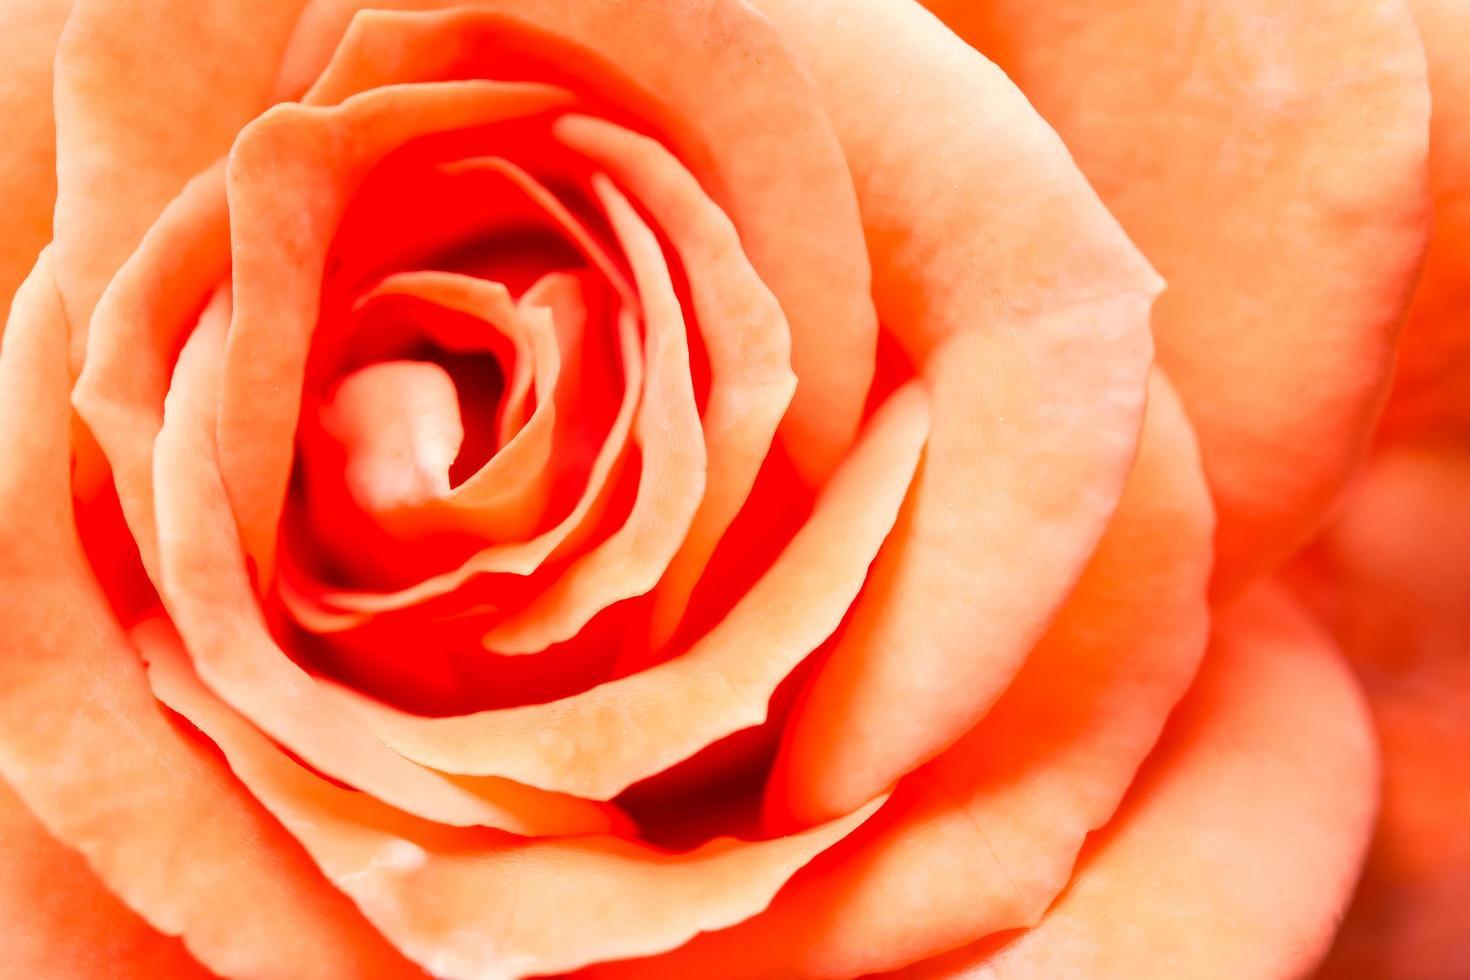 sfondo rosa arancione foto